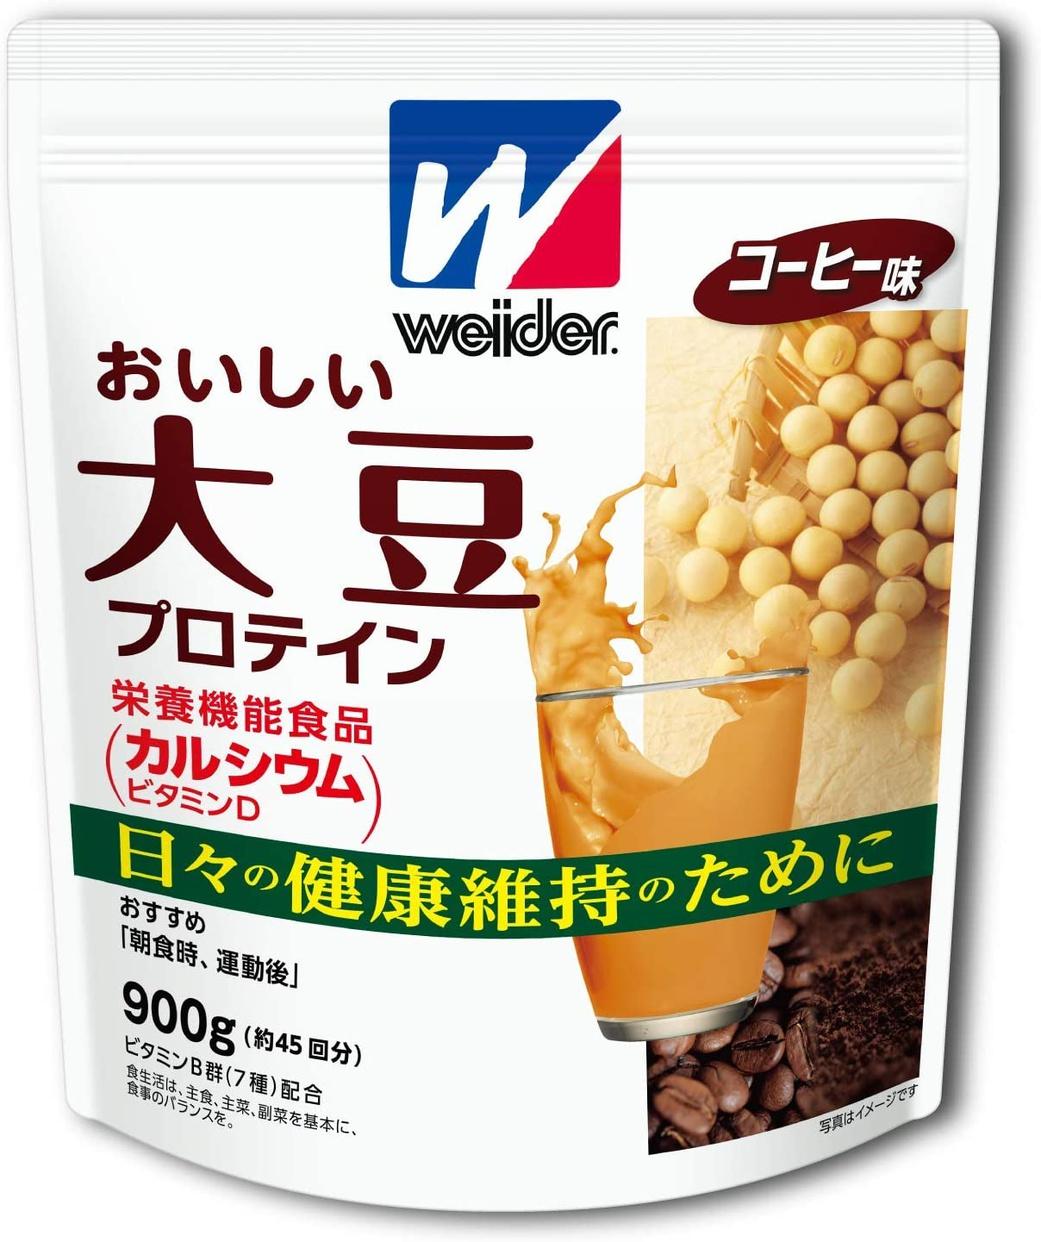 weider(ウイダー) おいしい大豆プロテインの商品画像